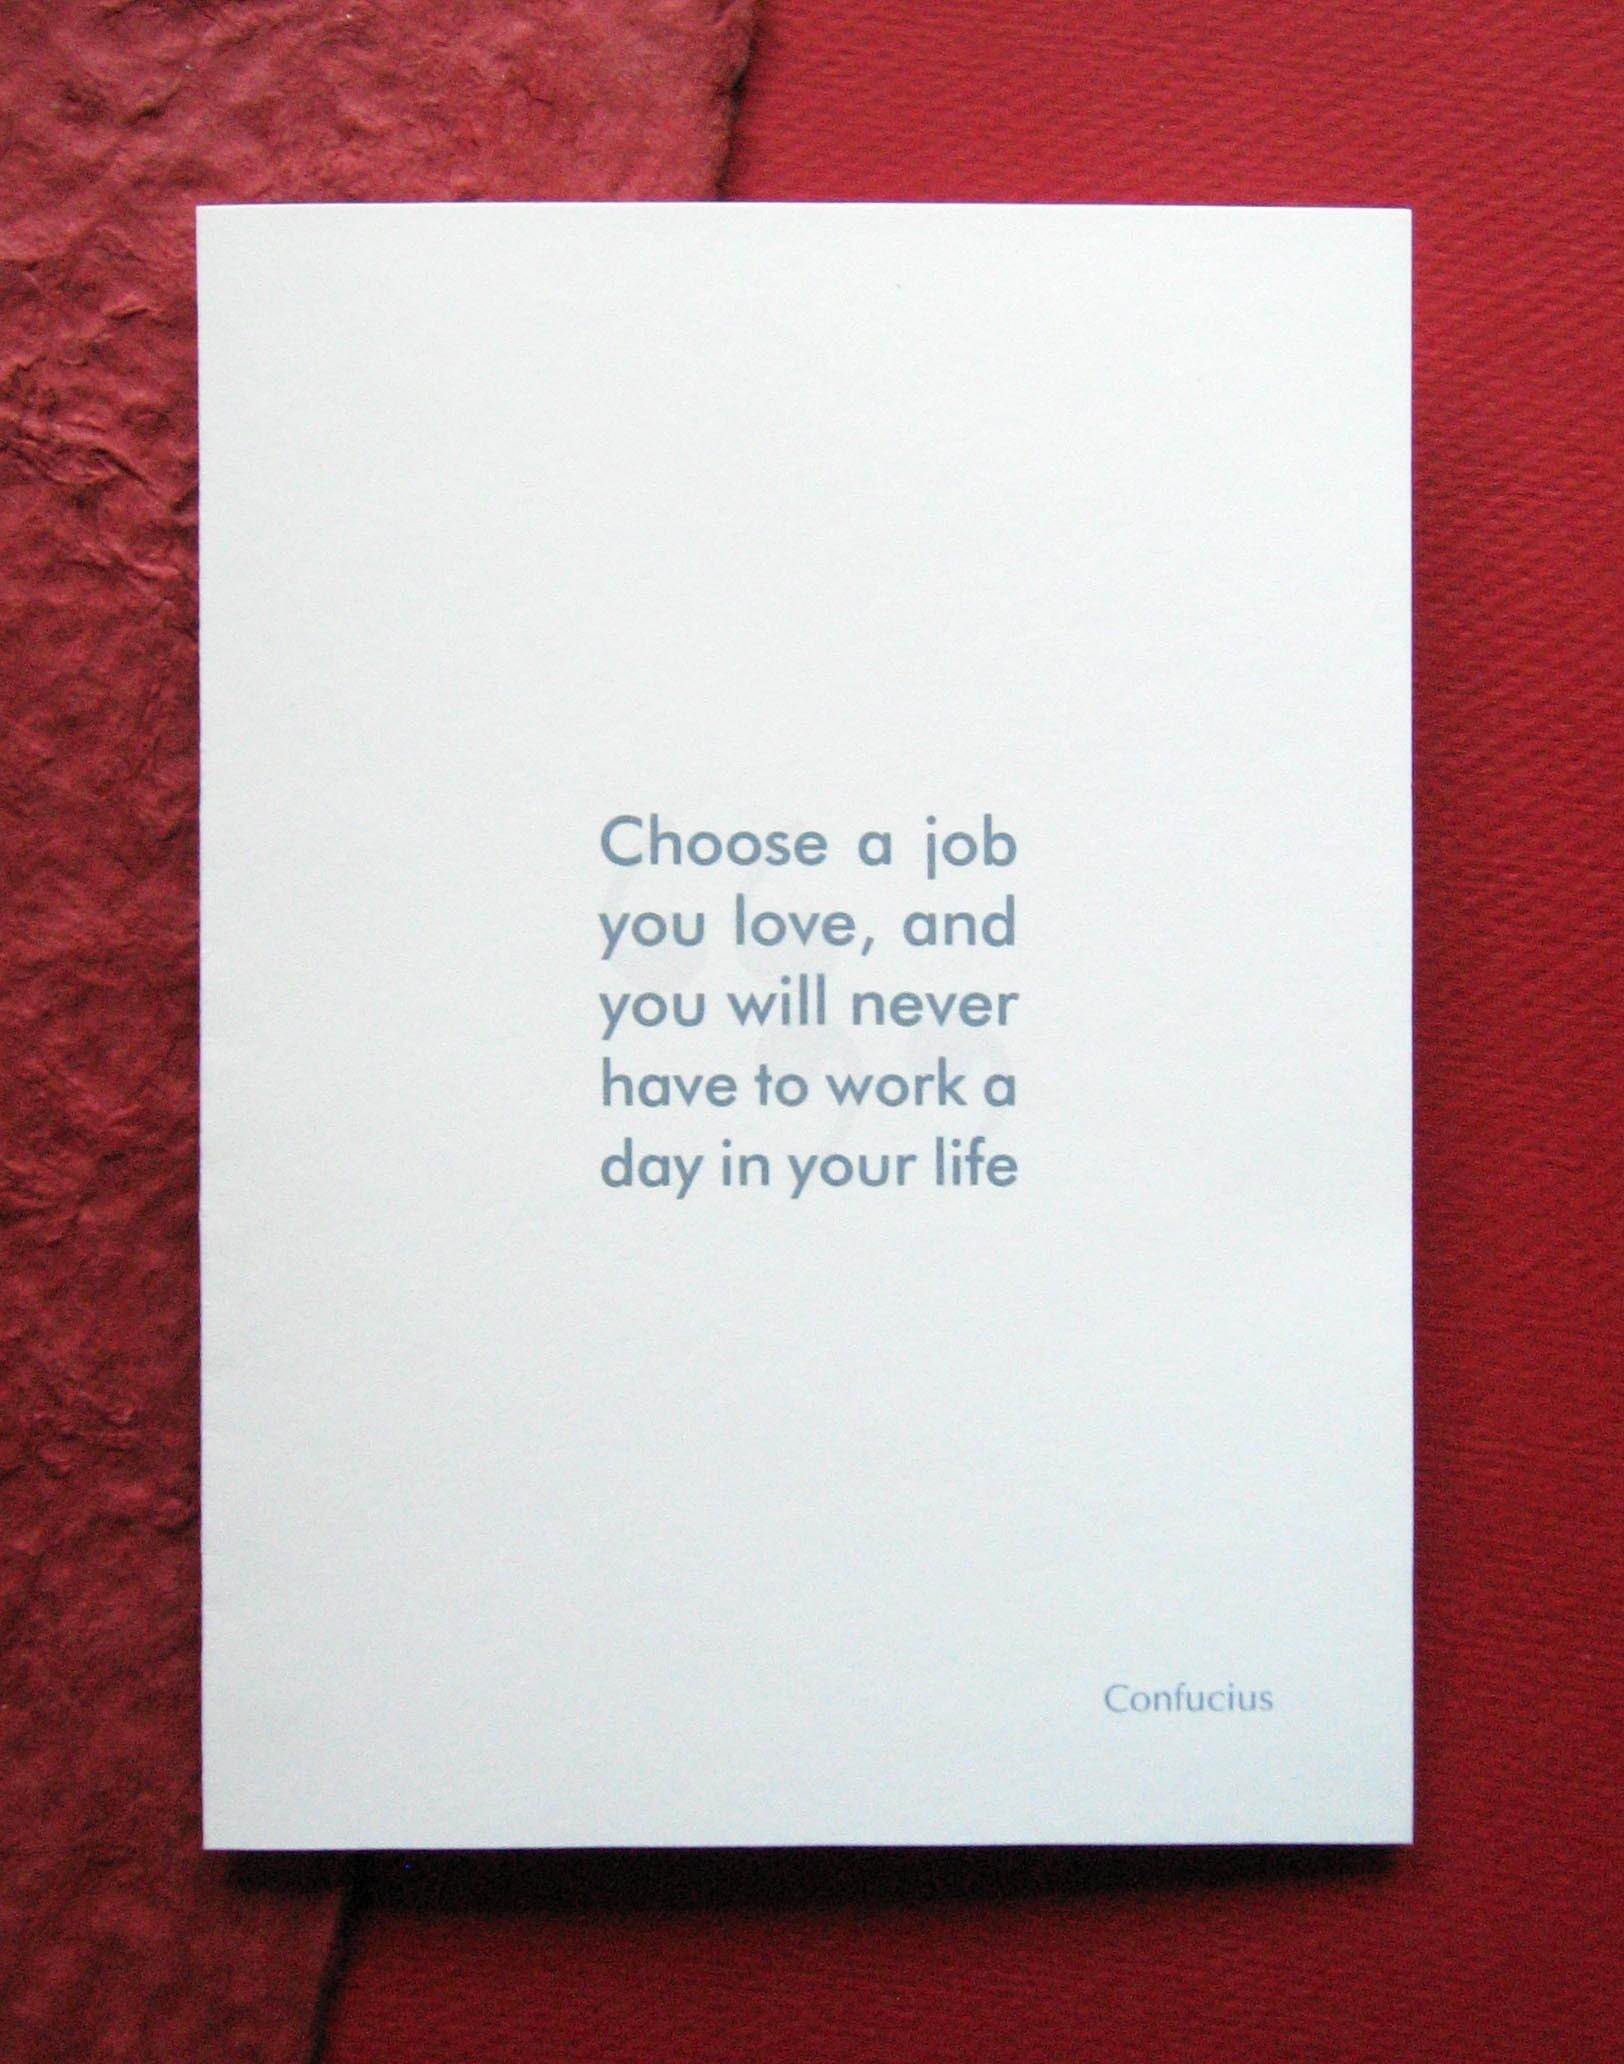 Congratulations Quotes New Job Position: Congratulations On New Position Quotes. QuotesGram